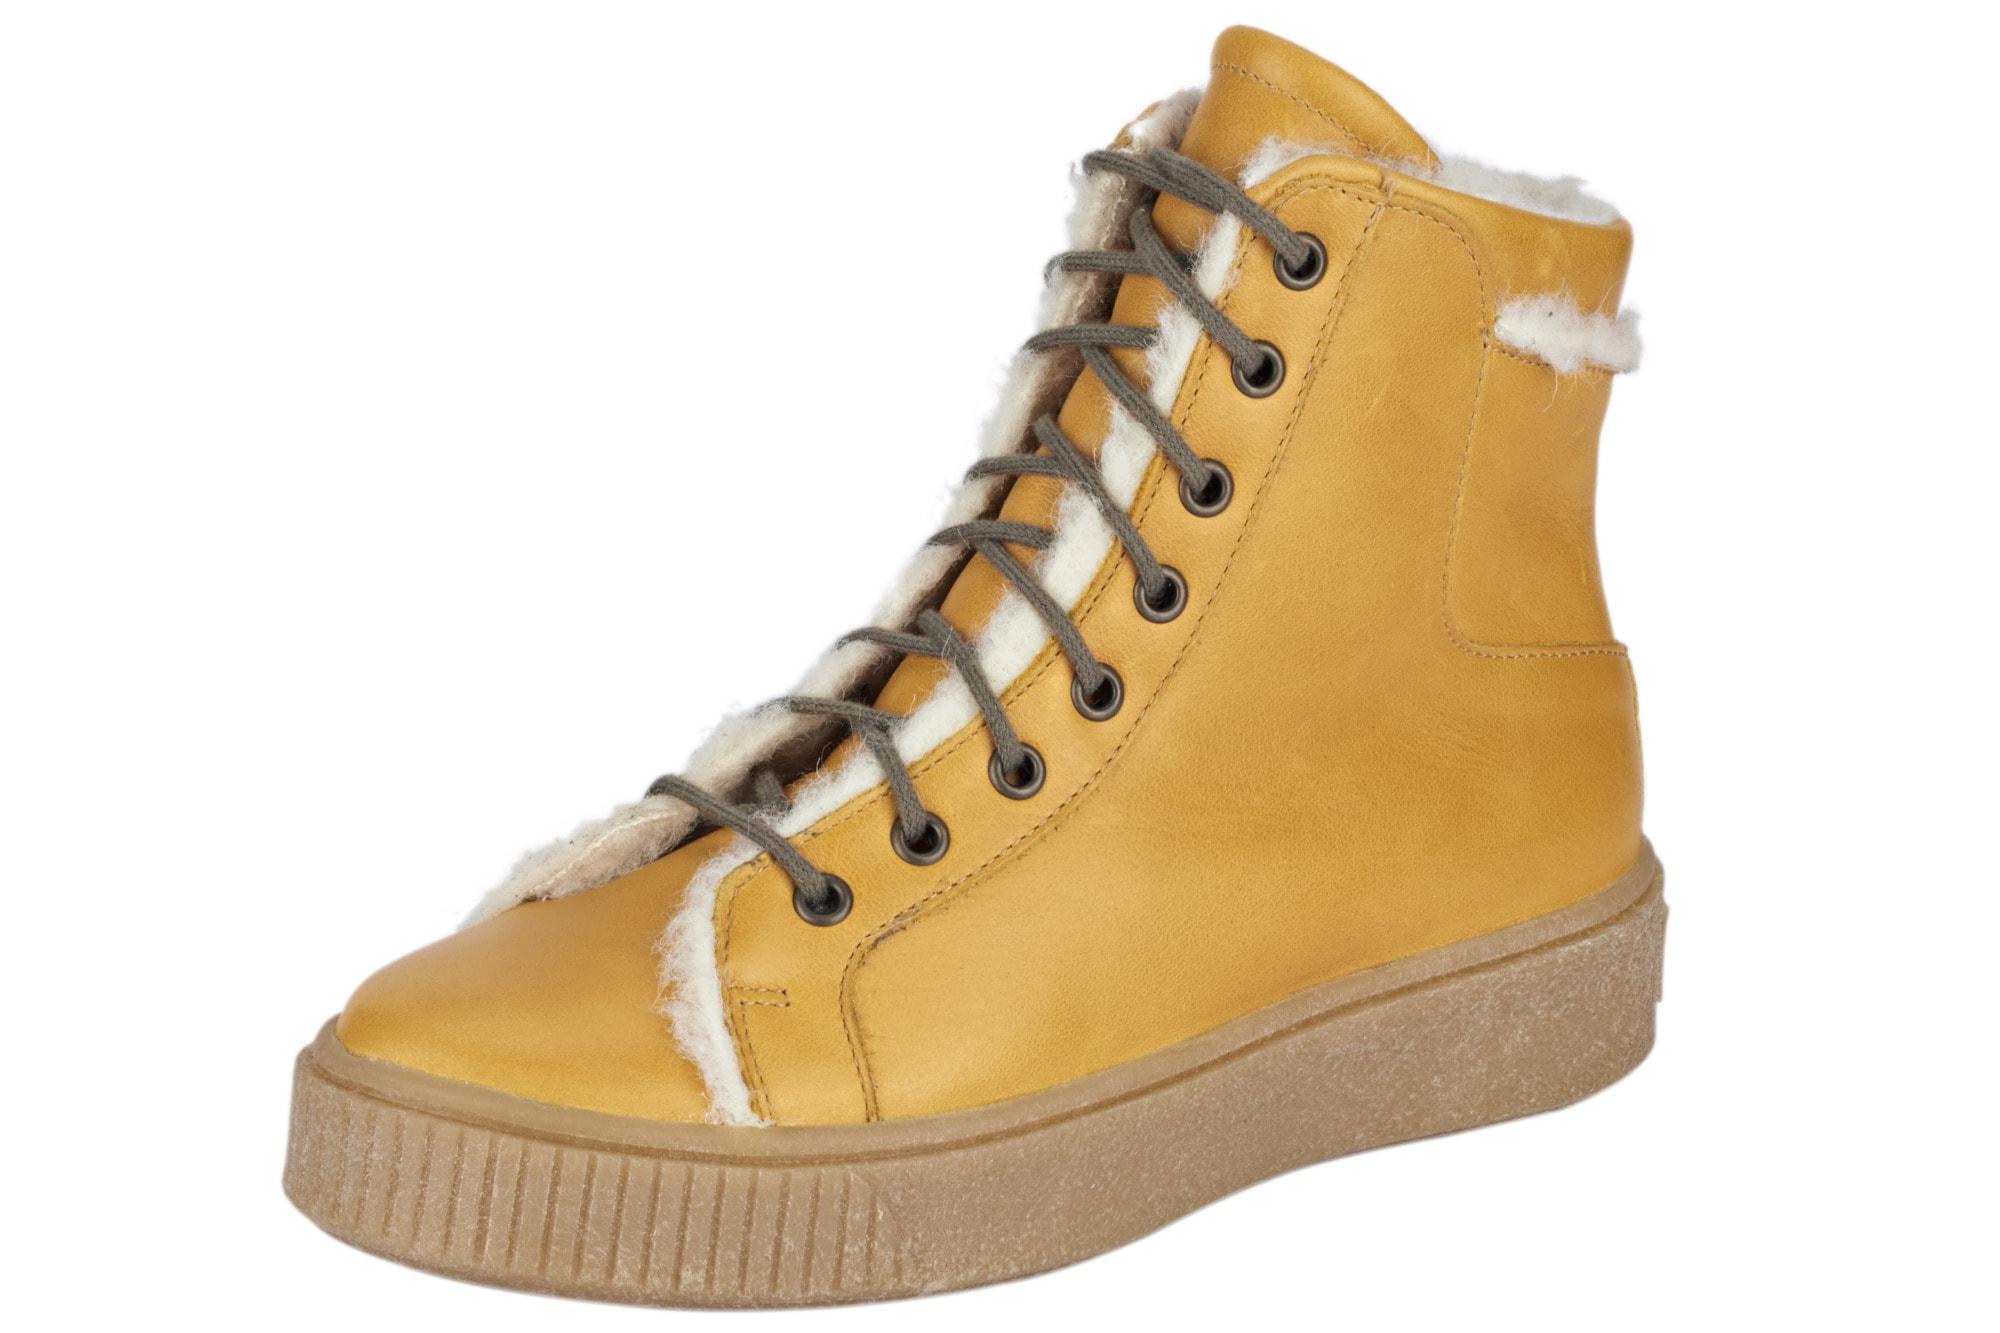 Werner Schuhe Stiefelette mit trendiger breiter Sohle | BAUR